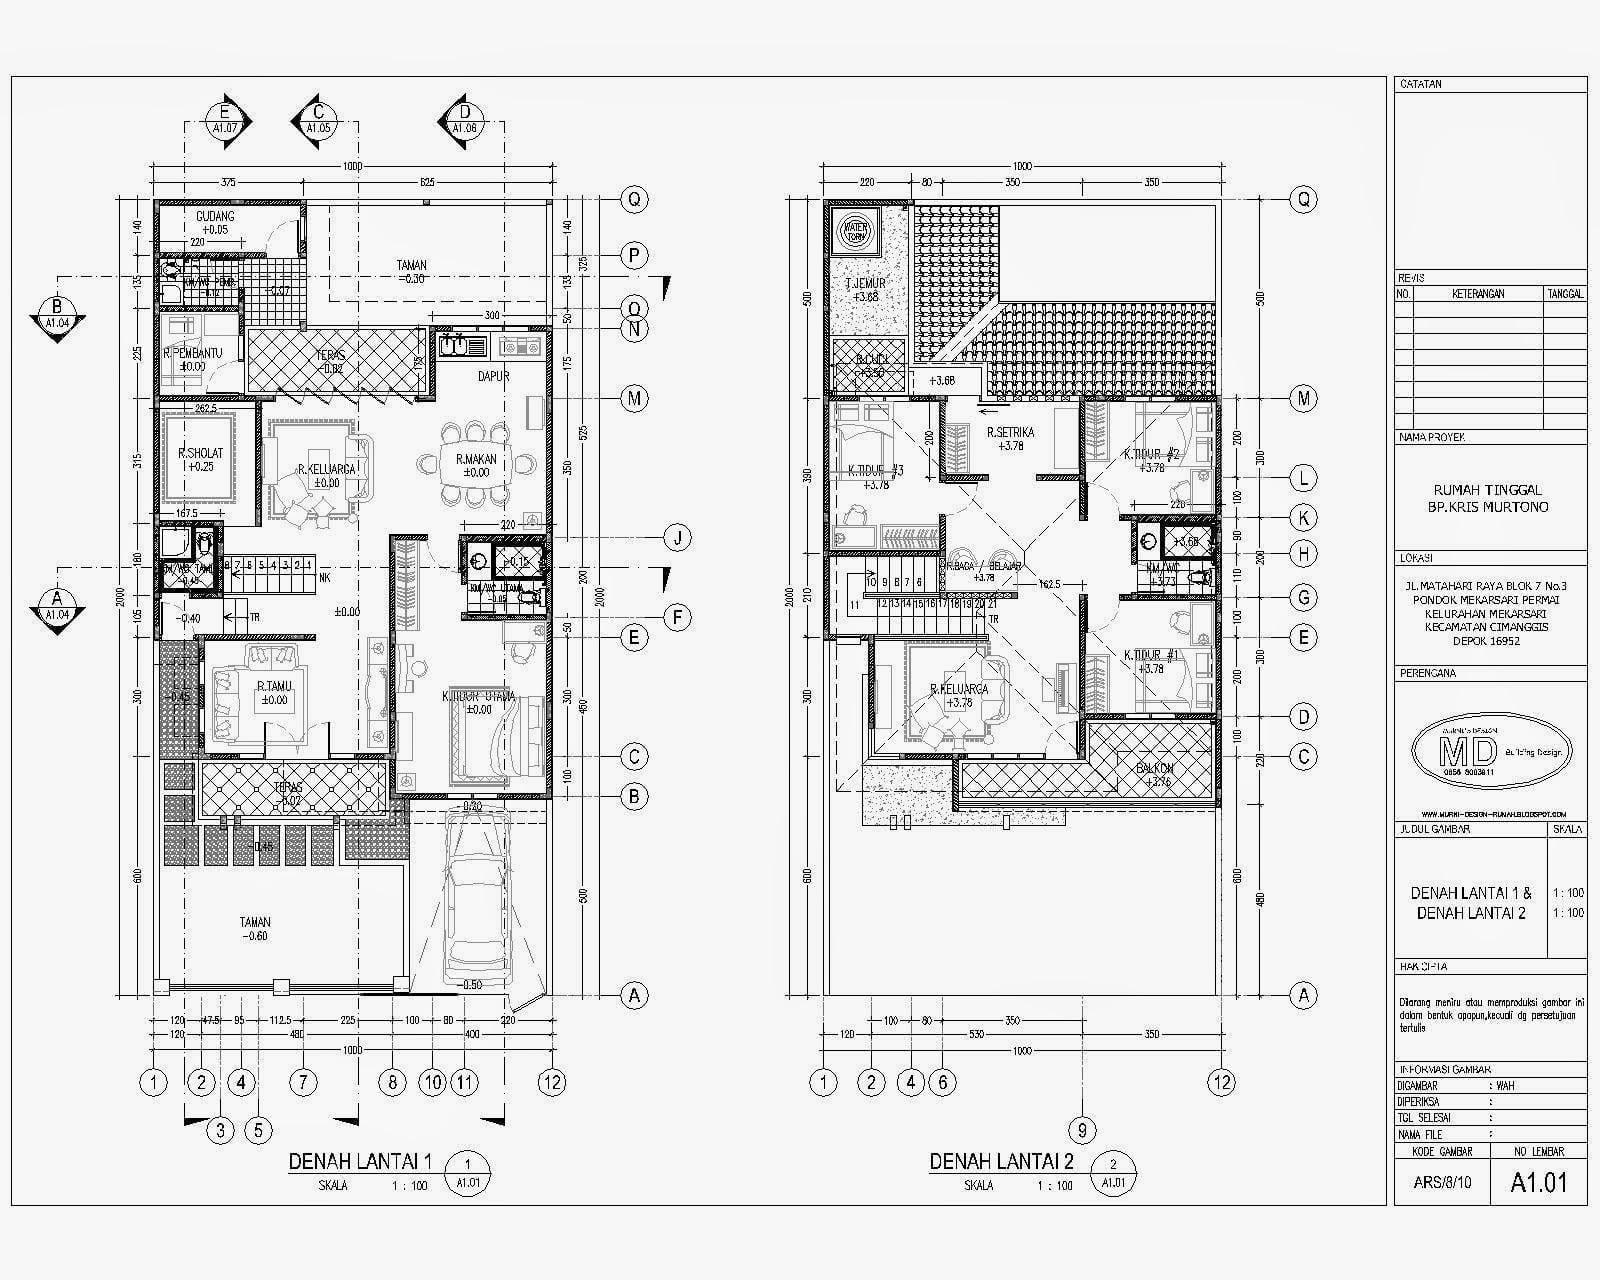 30 Macam Desain Bestek Rumah Mewah 2 Lantai Terpopuler Yang Harus Kamu Tahu Deagam Design